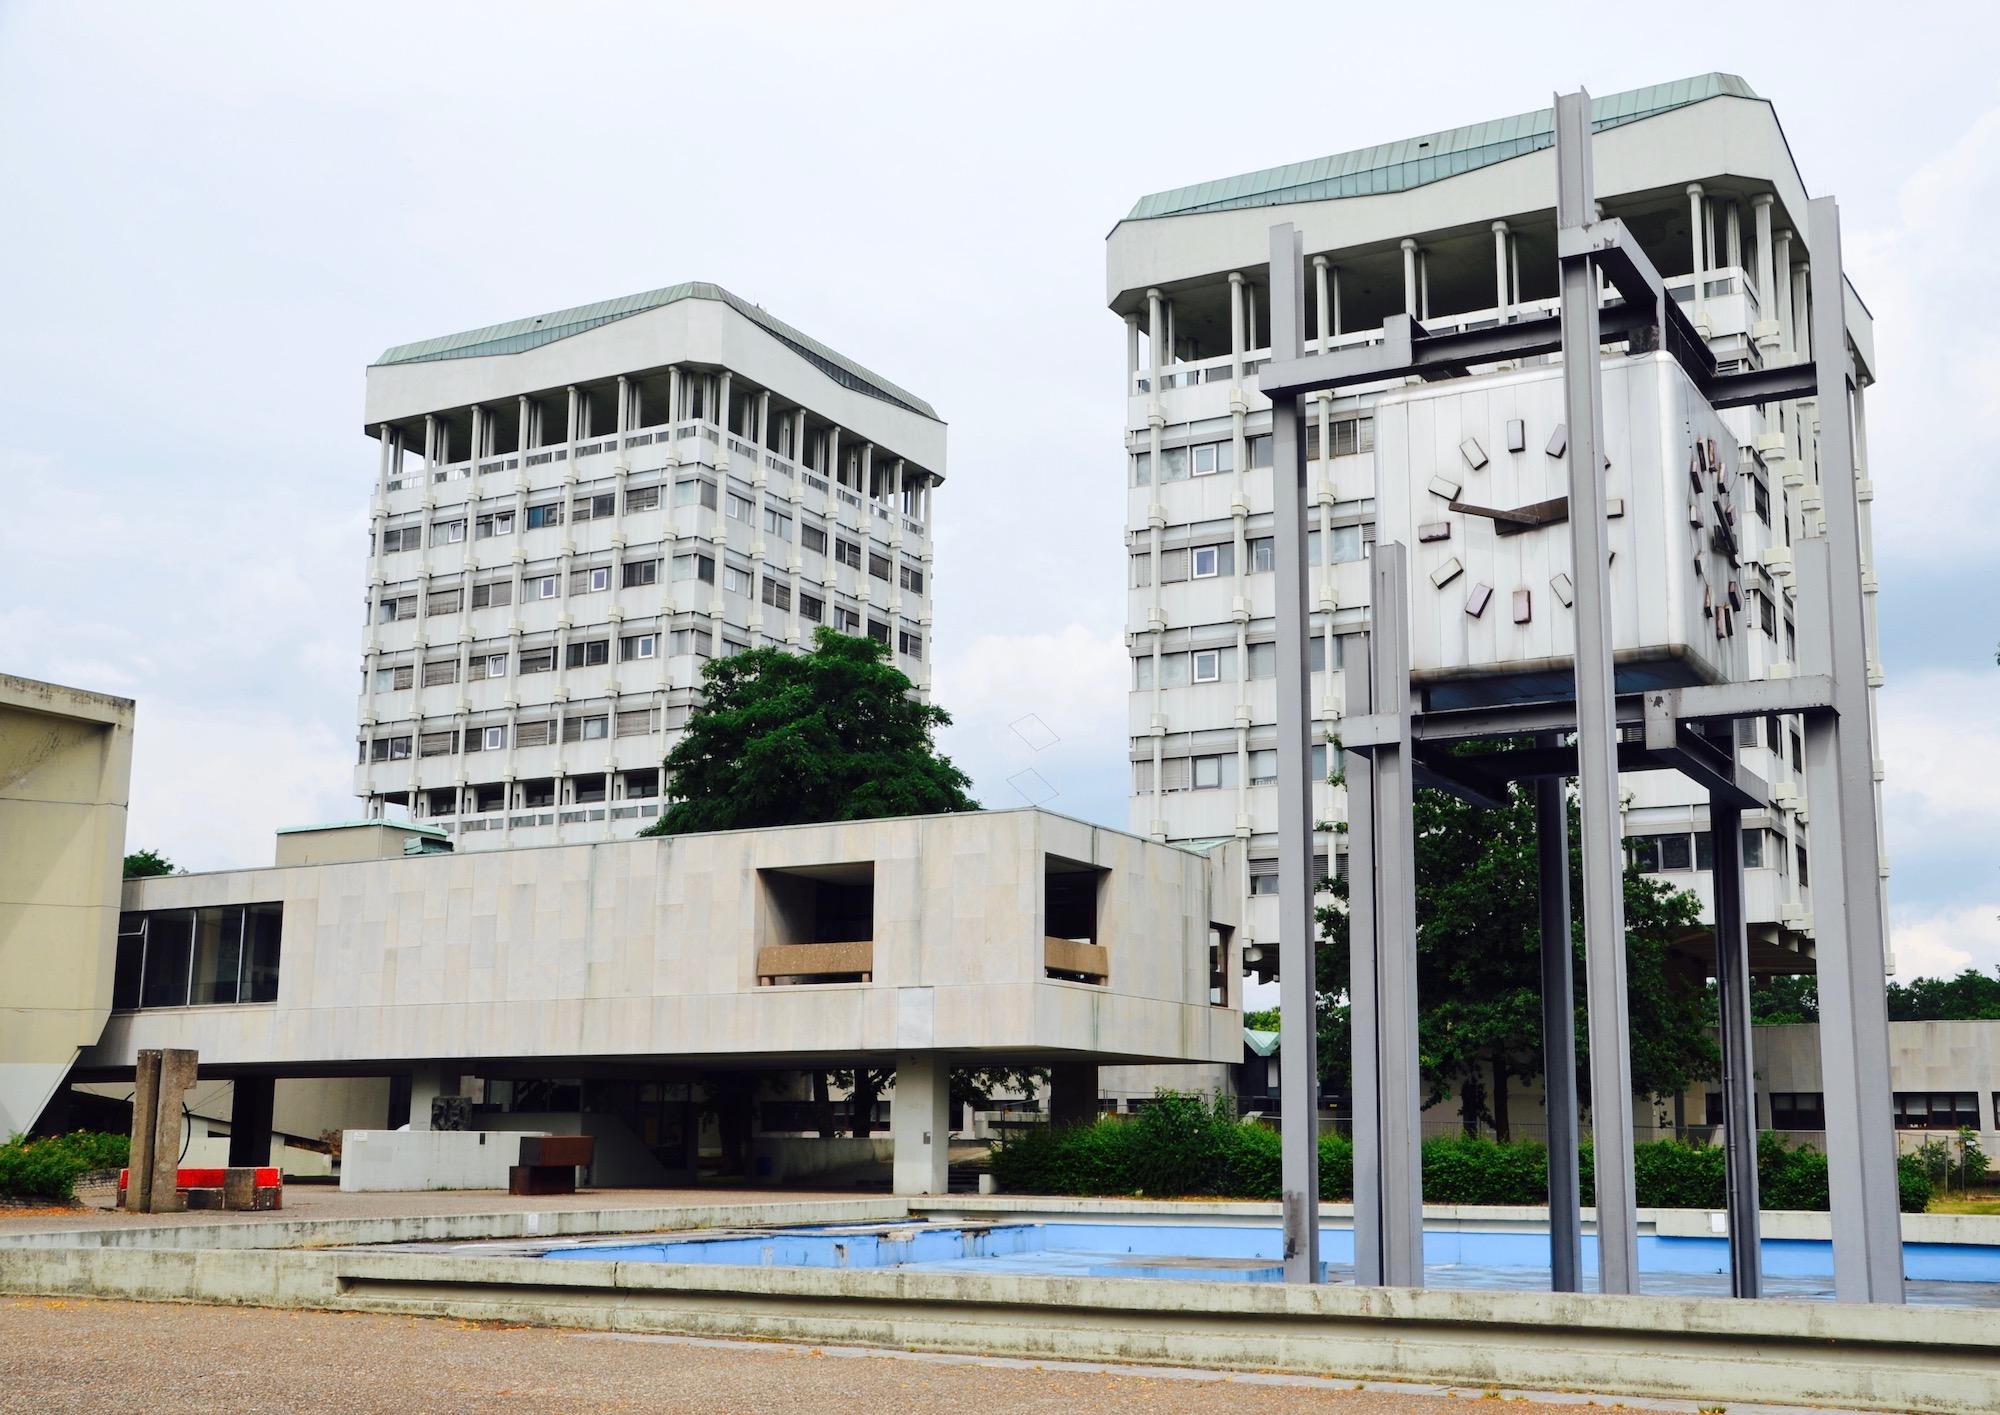 Zwei Verwaltungsgebäude, ein Brunnen und eine öffentliche Uhr